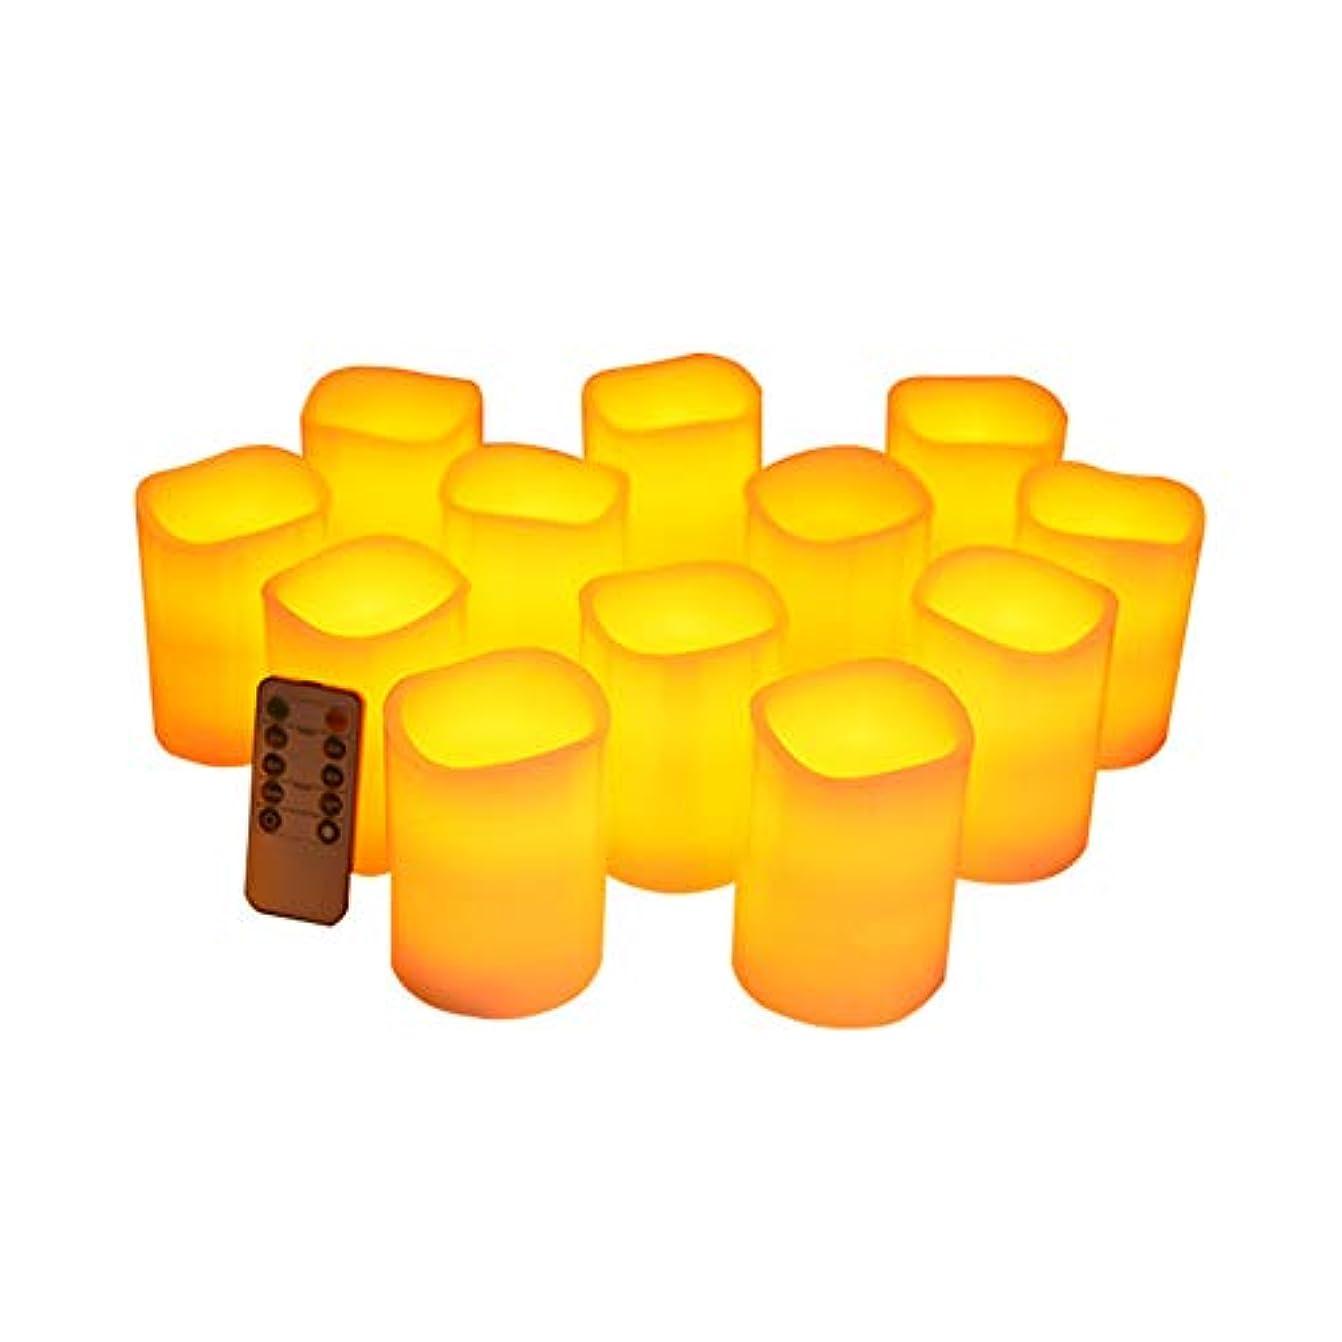 くるくる毒性指導するフレームレスキャンドルフリッカーLED柱リアルキャンドルリモコン付きサイクリングタイマー電気キャンドル12個セット